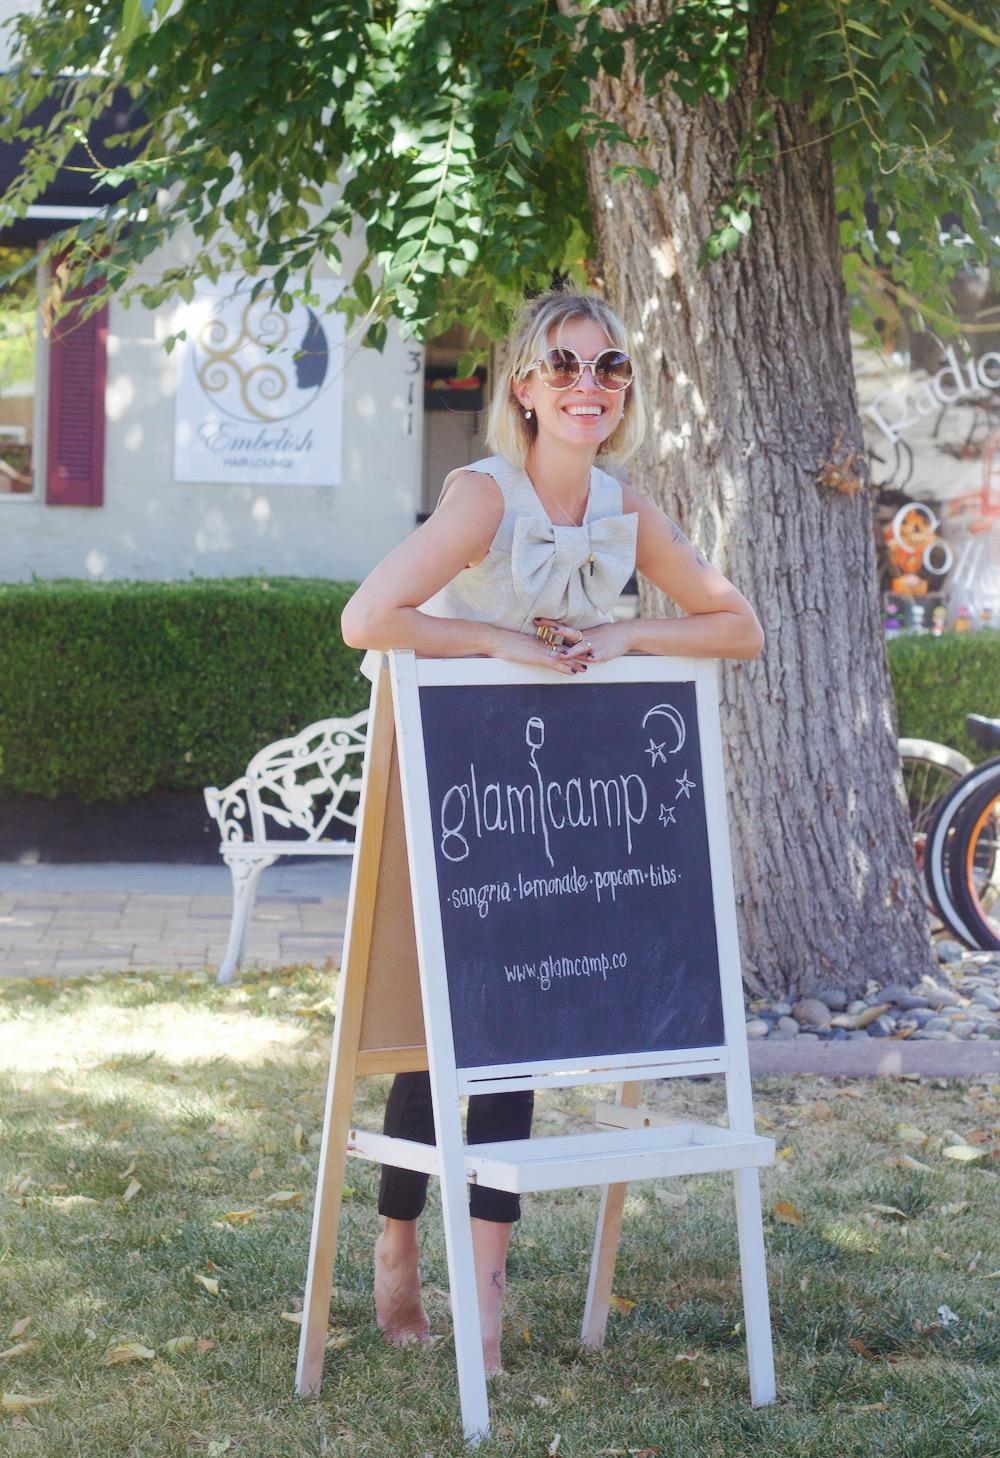 glam camp online shop